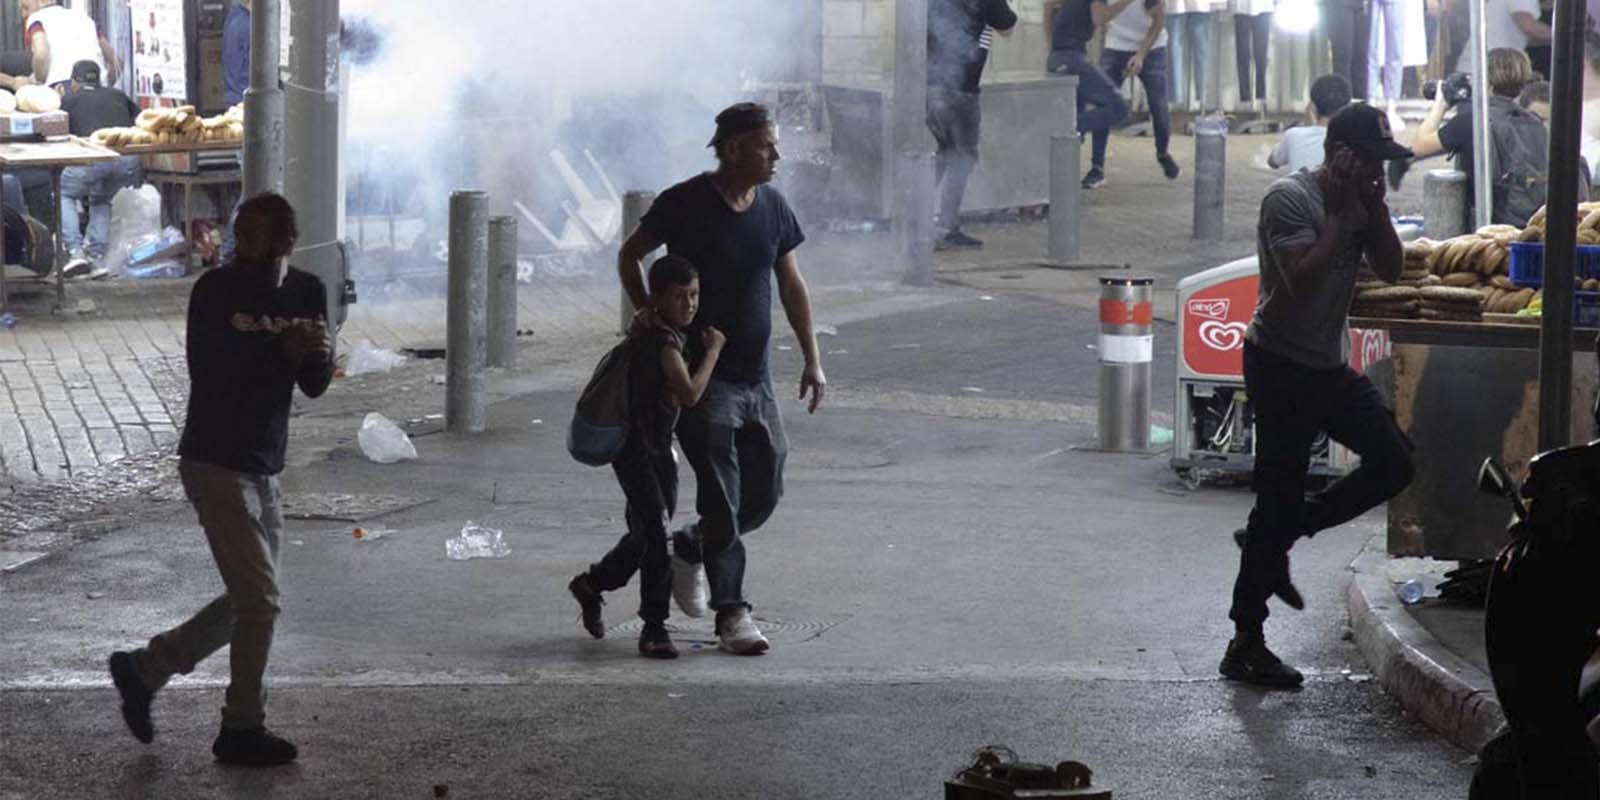 Doğu Kudüs'te gerilim sürerken İsrailli vekil Itamar Ben-Gvir'den skandal açıklama: Gerçek mermi kullanılmasına izin verilsin!